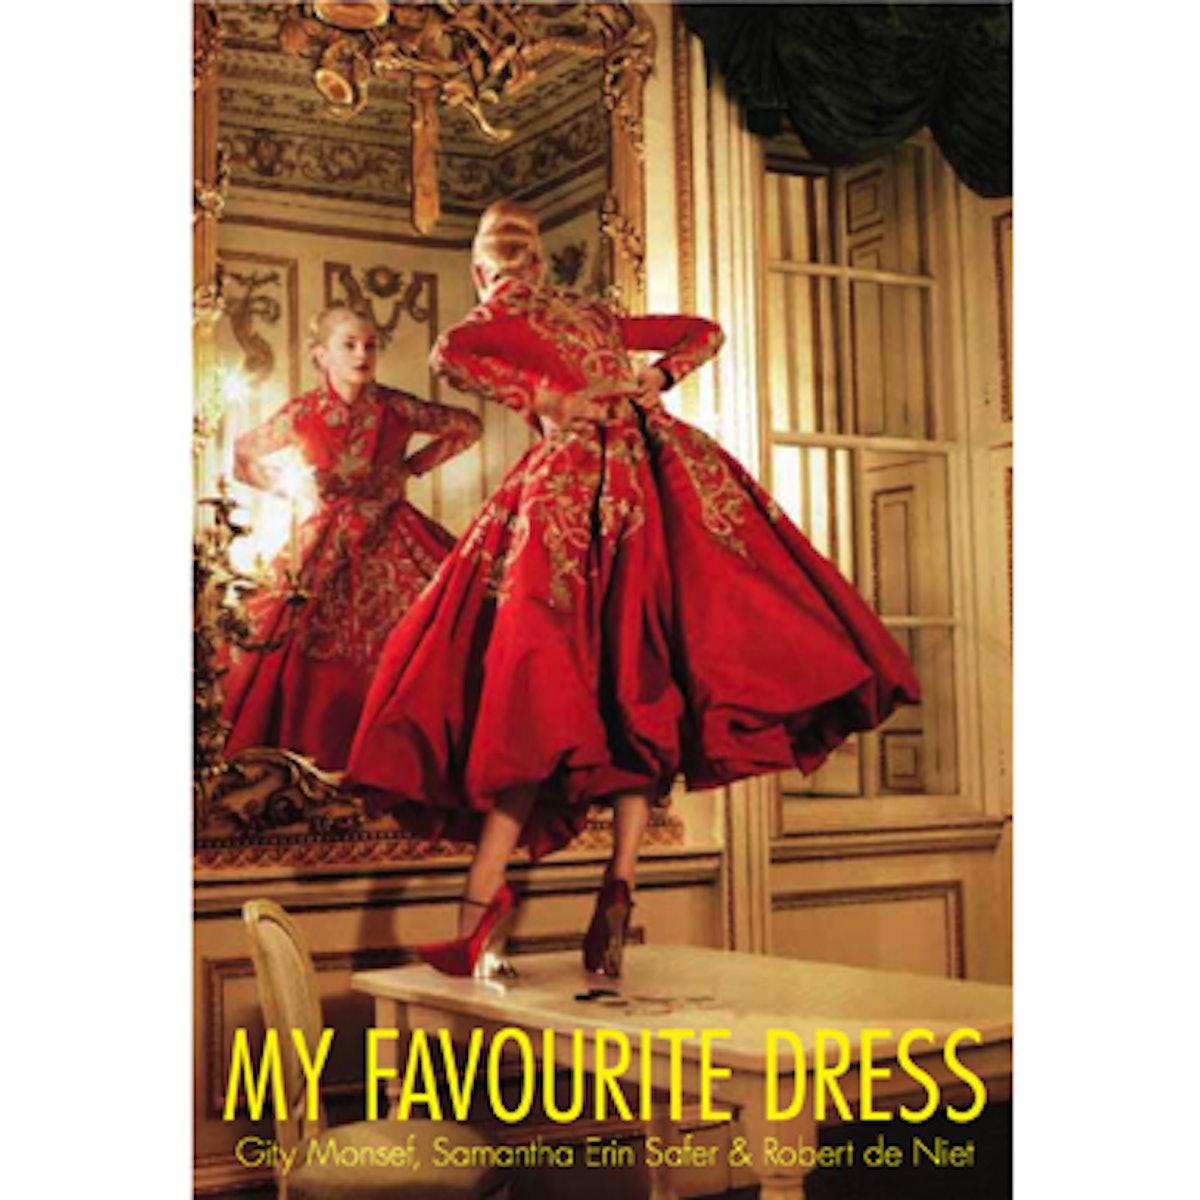 blog_dressses_cover.jpg